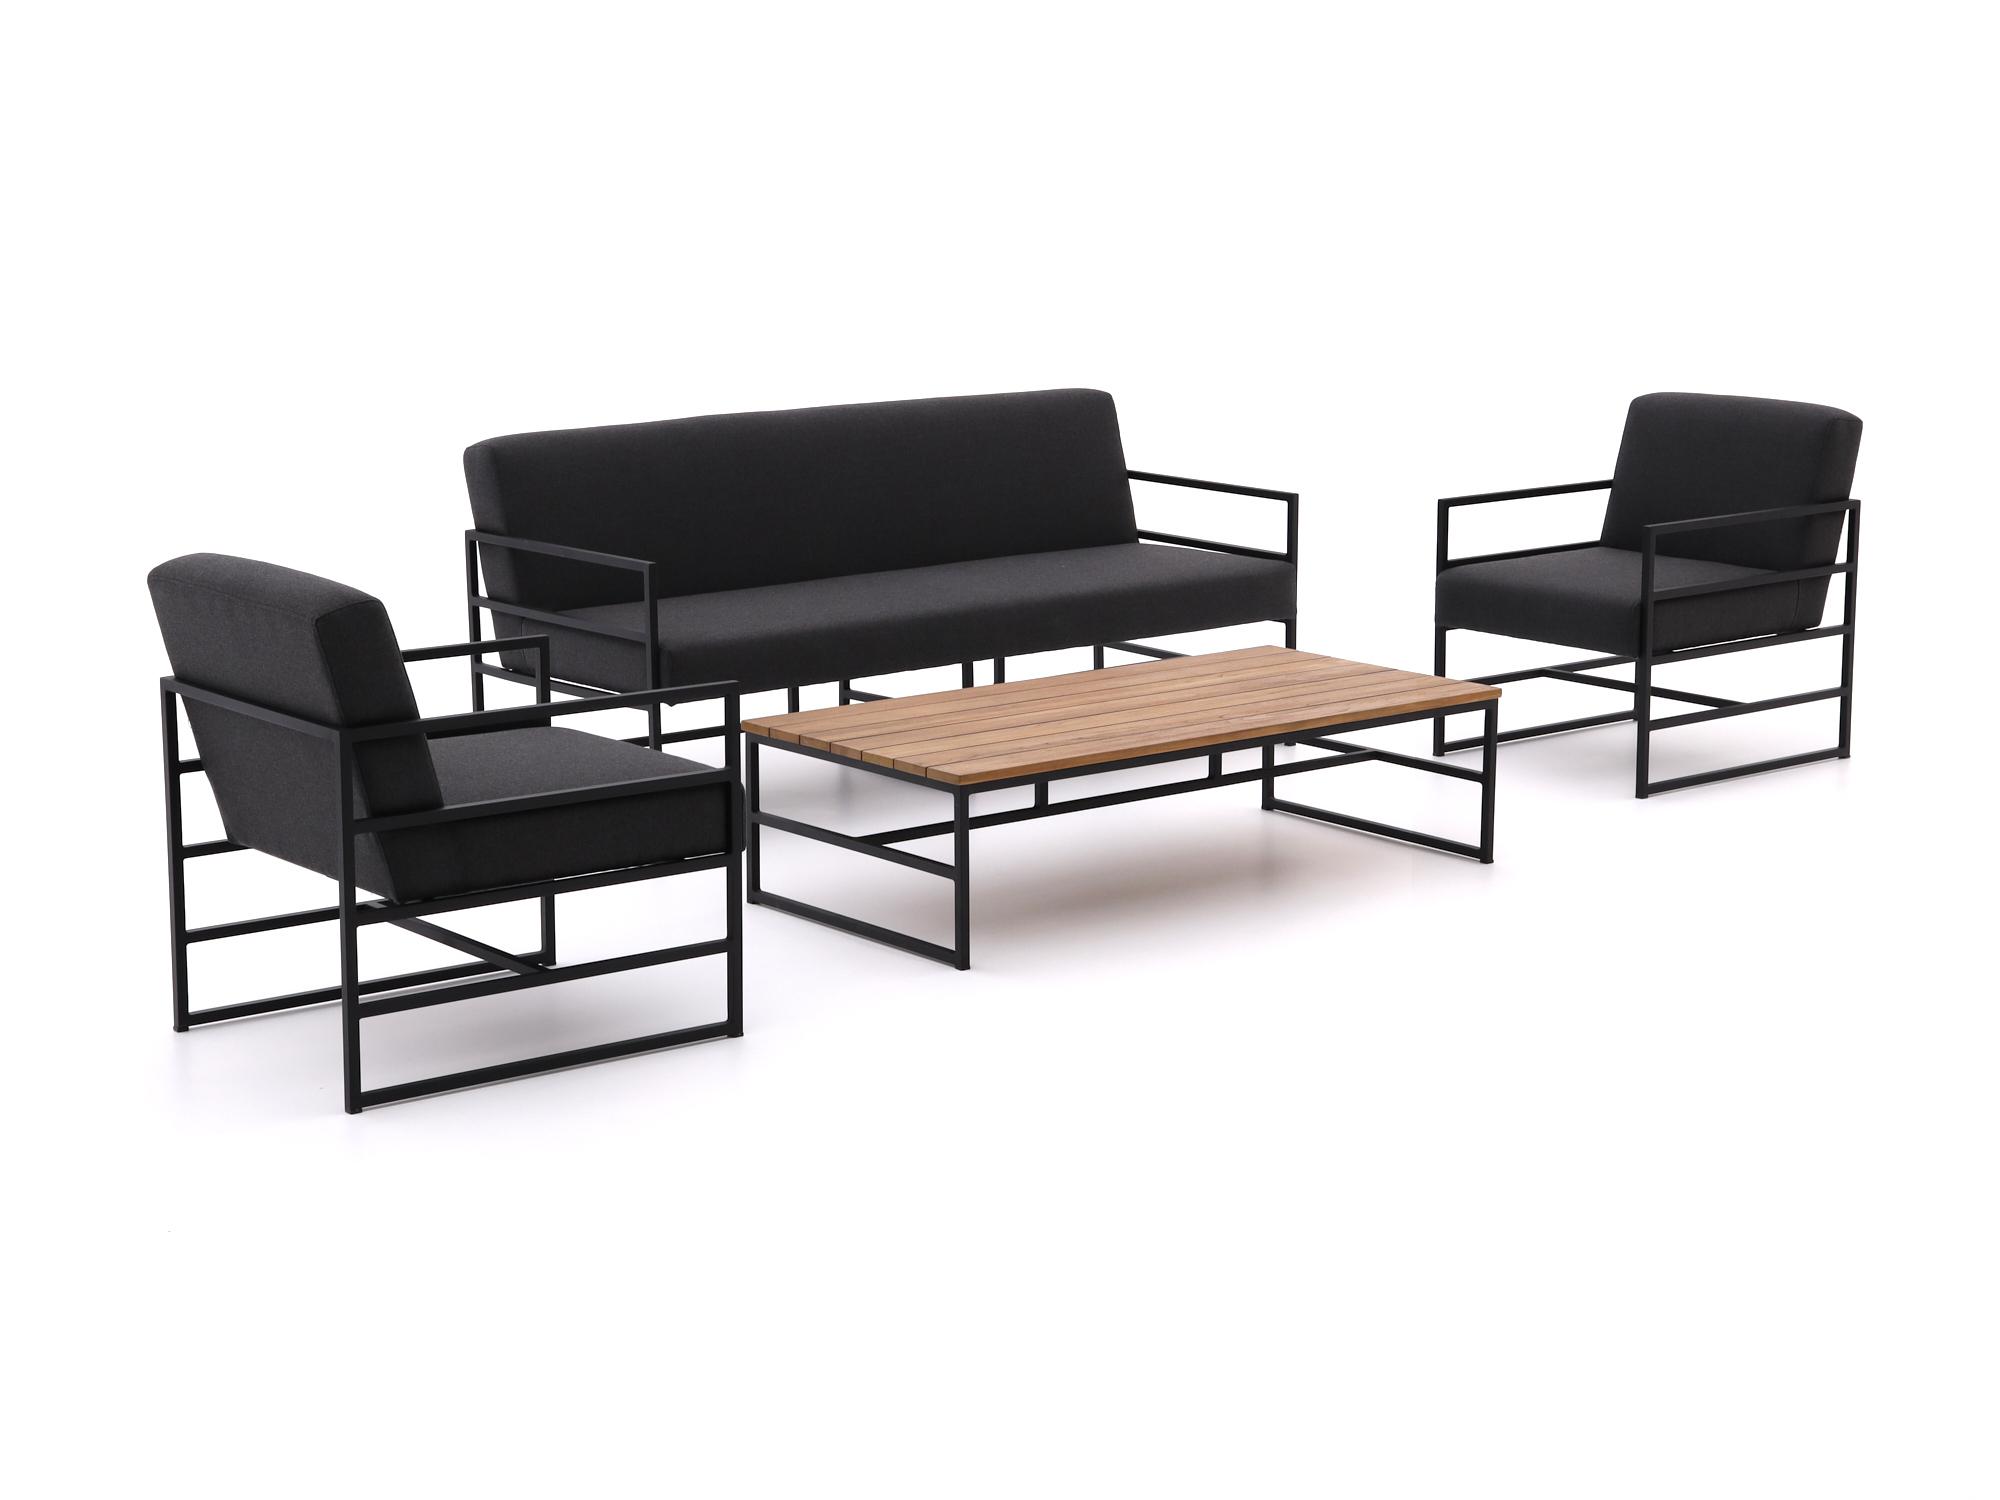 Hartman Amsterdam stoel-bank loungeset 4-delig - Laagste prijsgarantie!